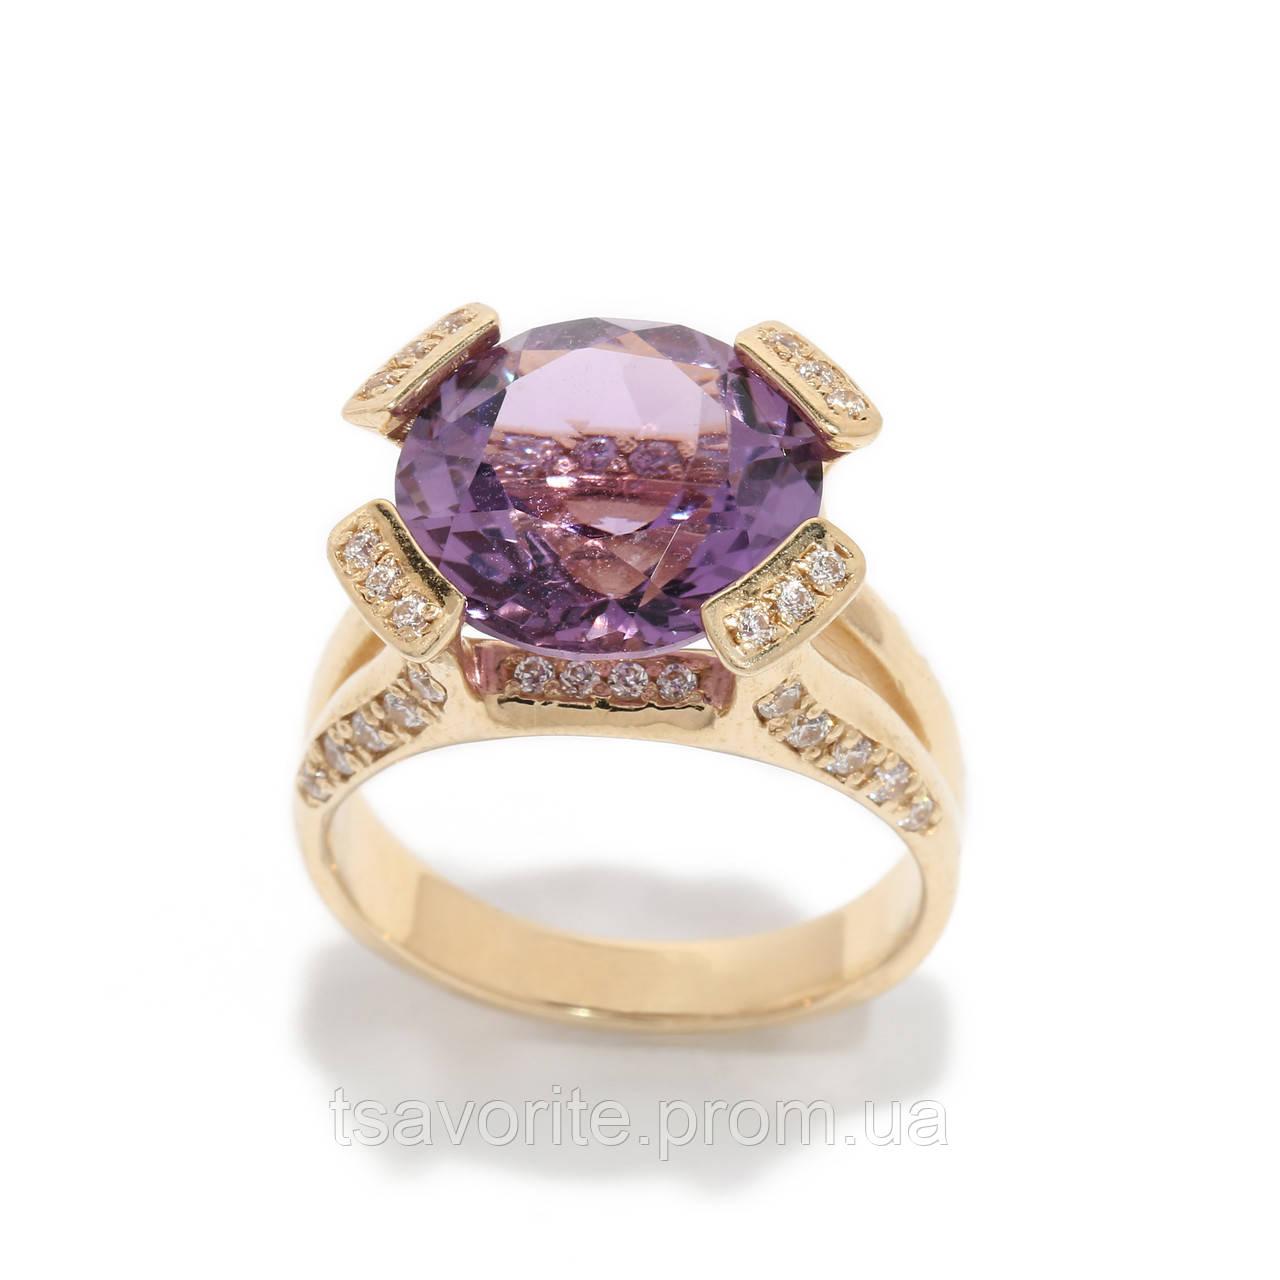 Золотое кольцо с аметистом 2280153